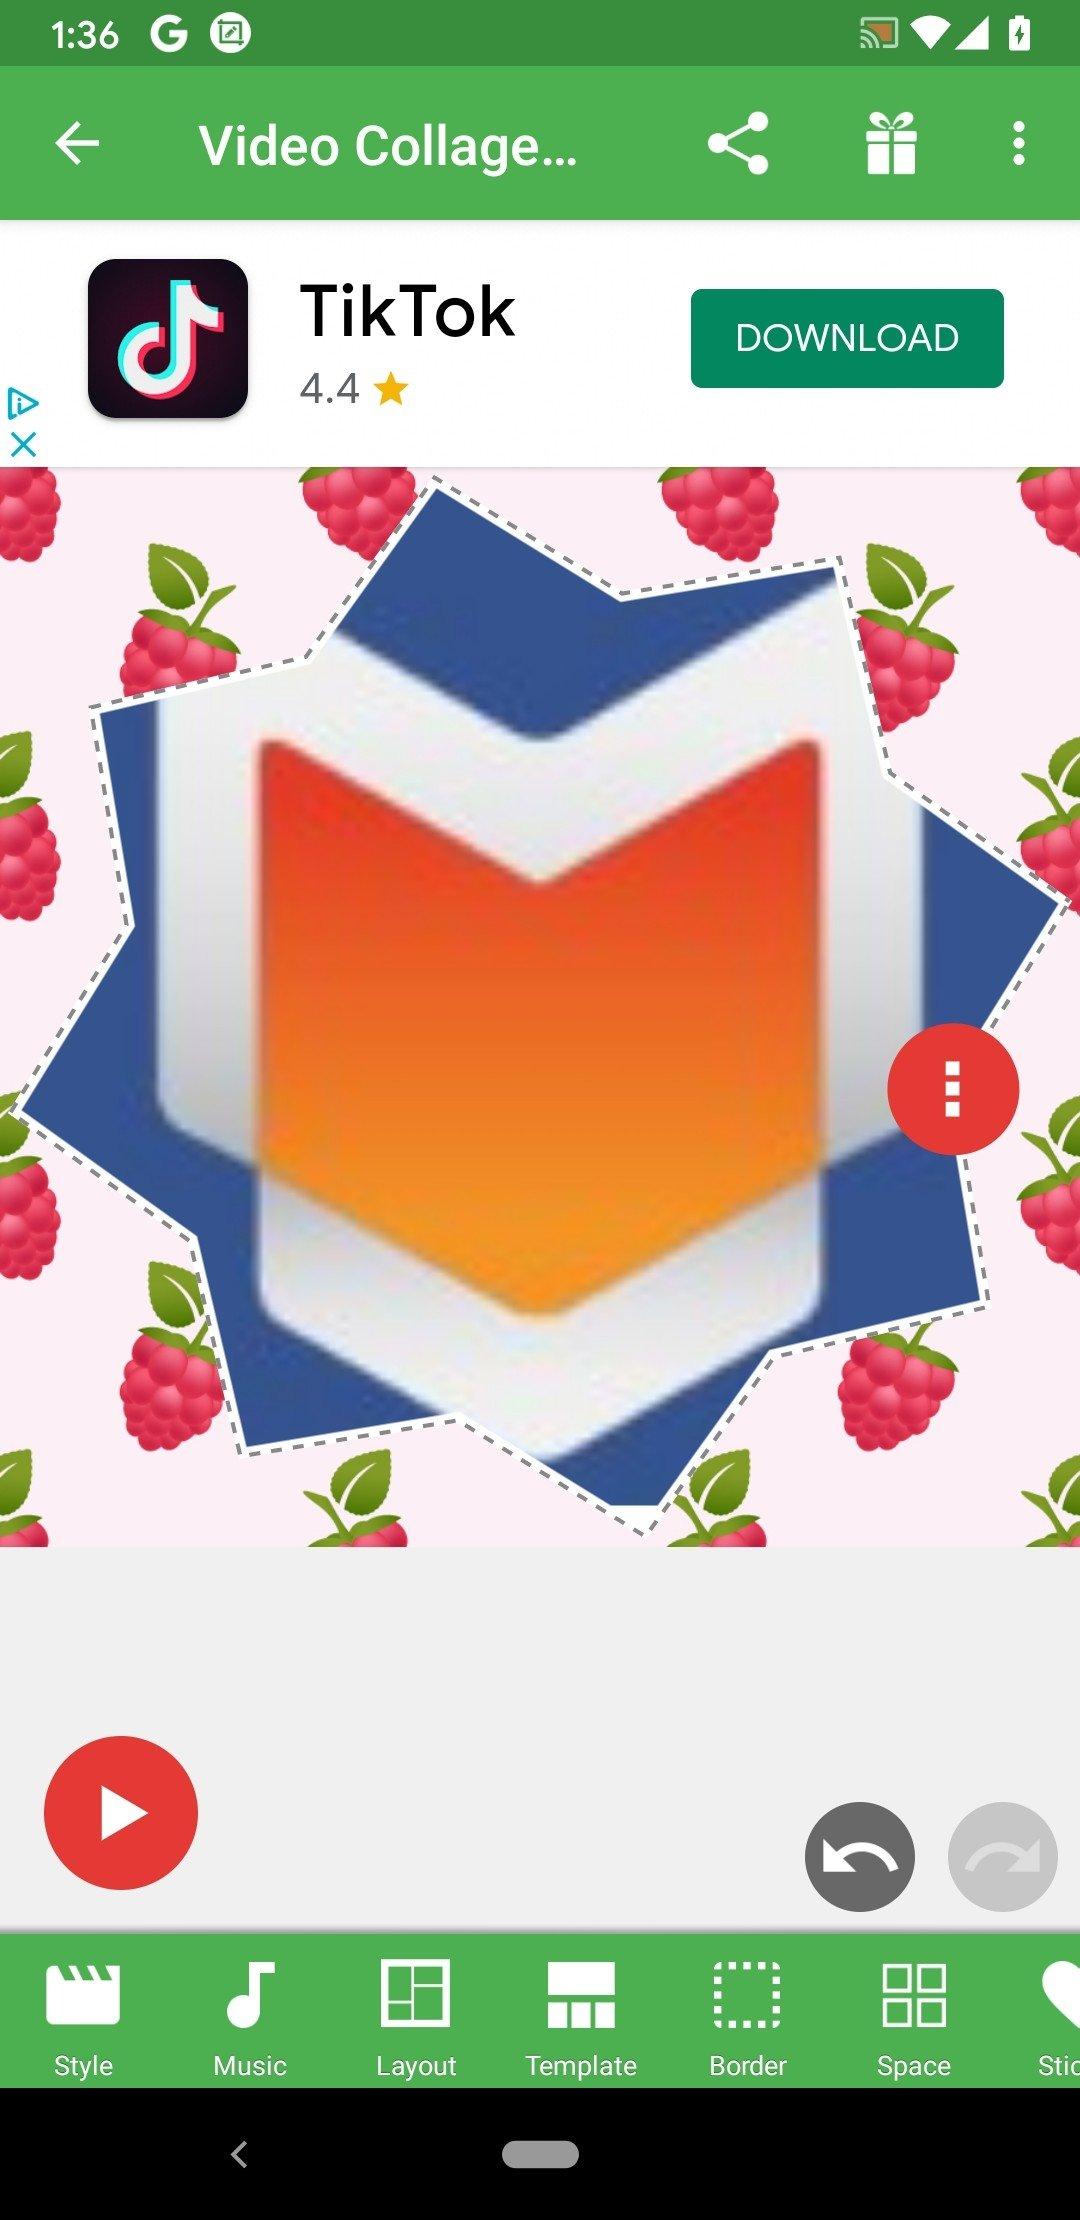 Createur De Collages Video 23 4 Telecharger Pour Android Apk